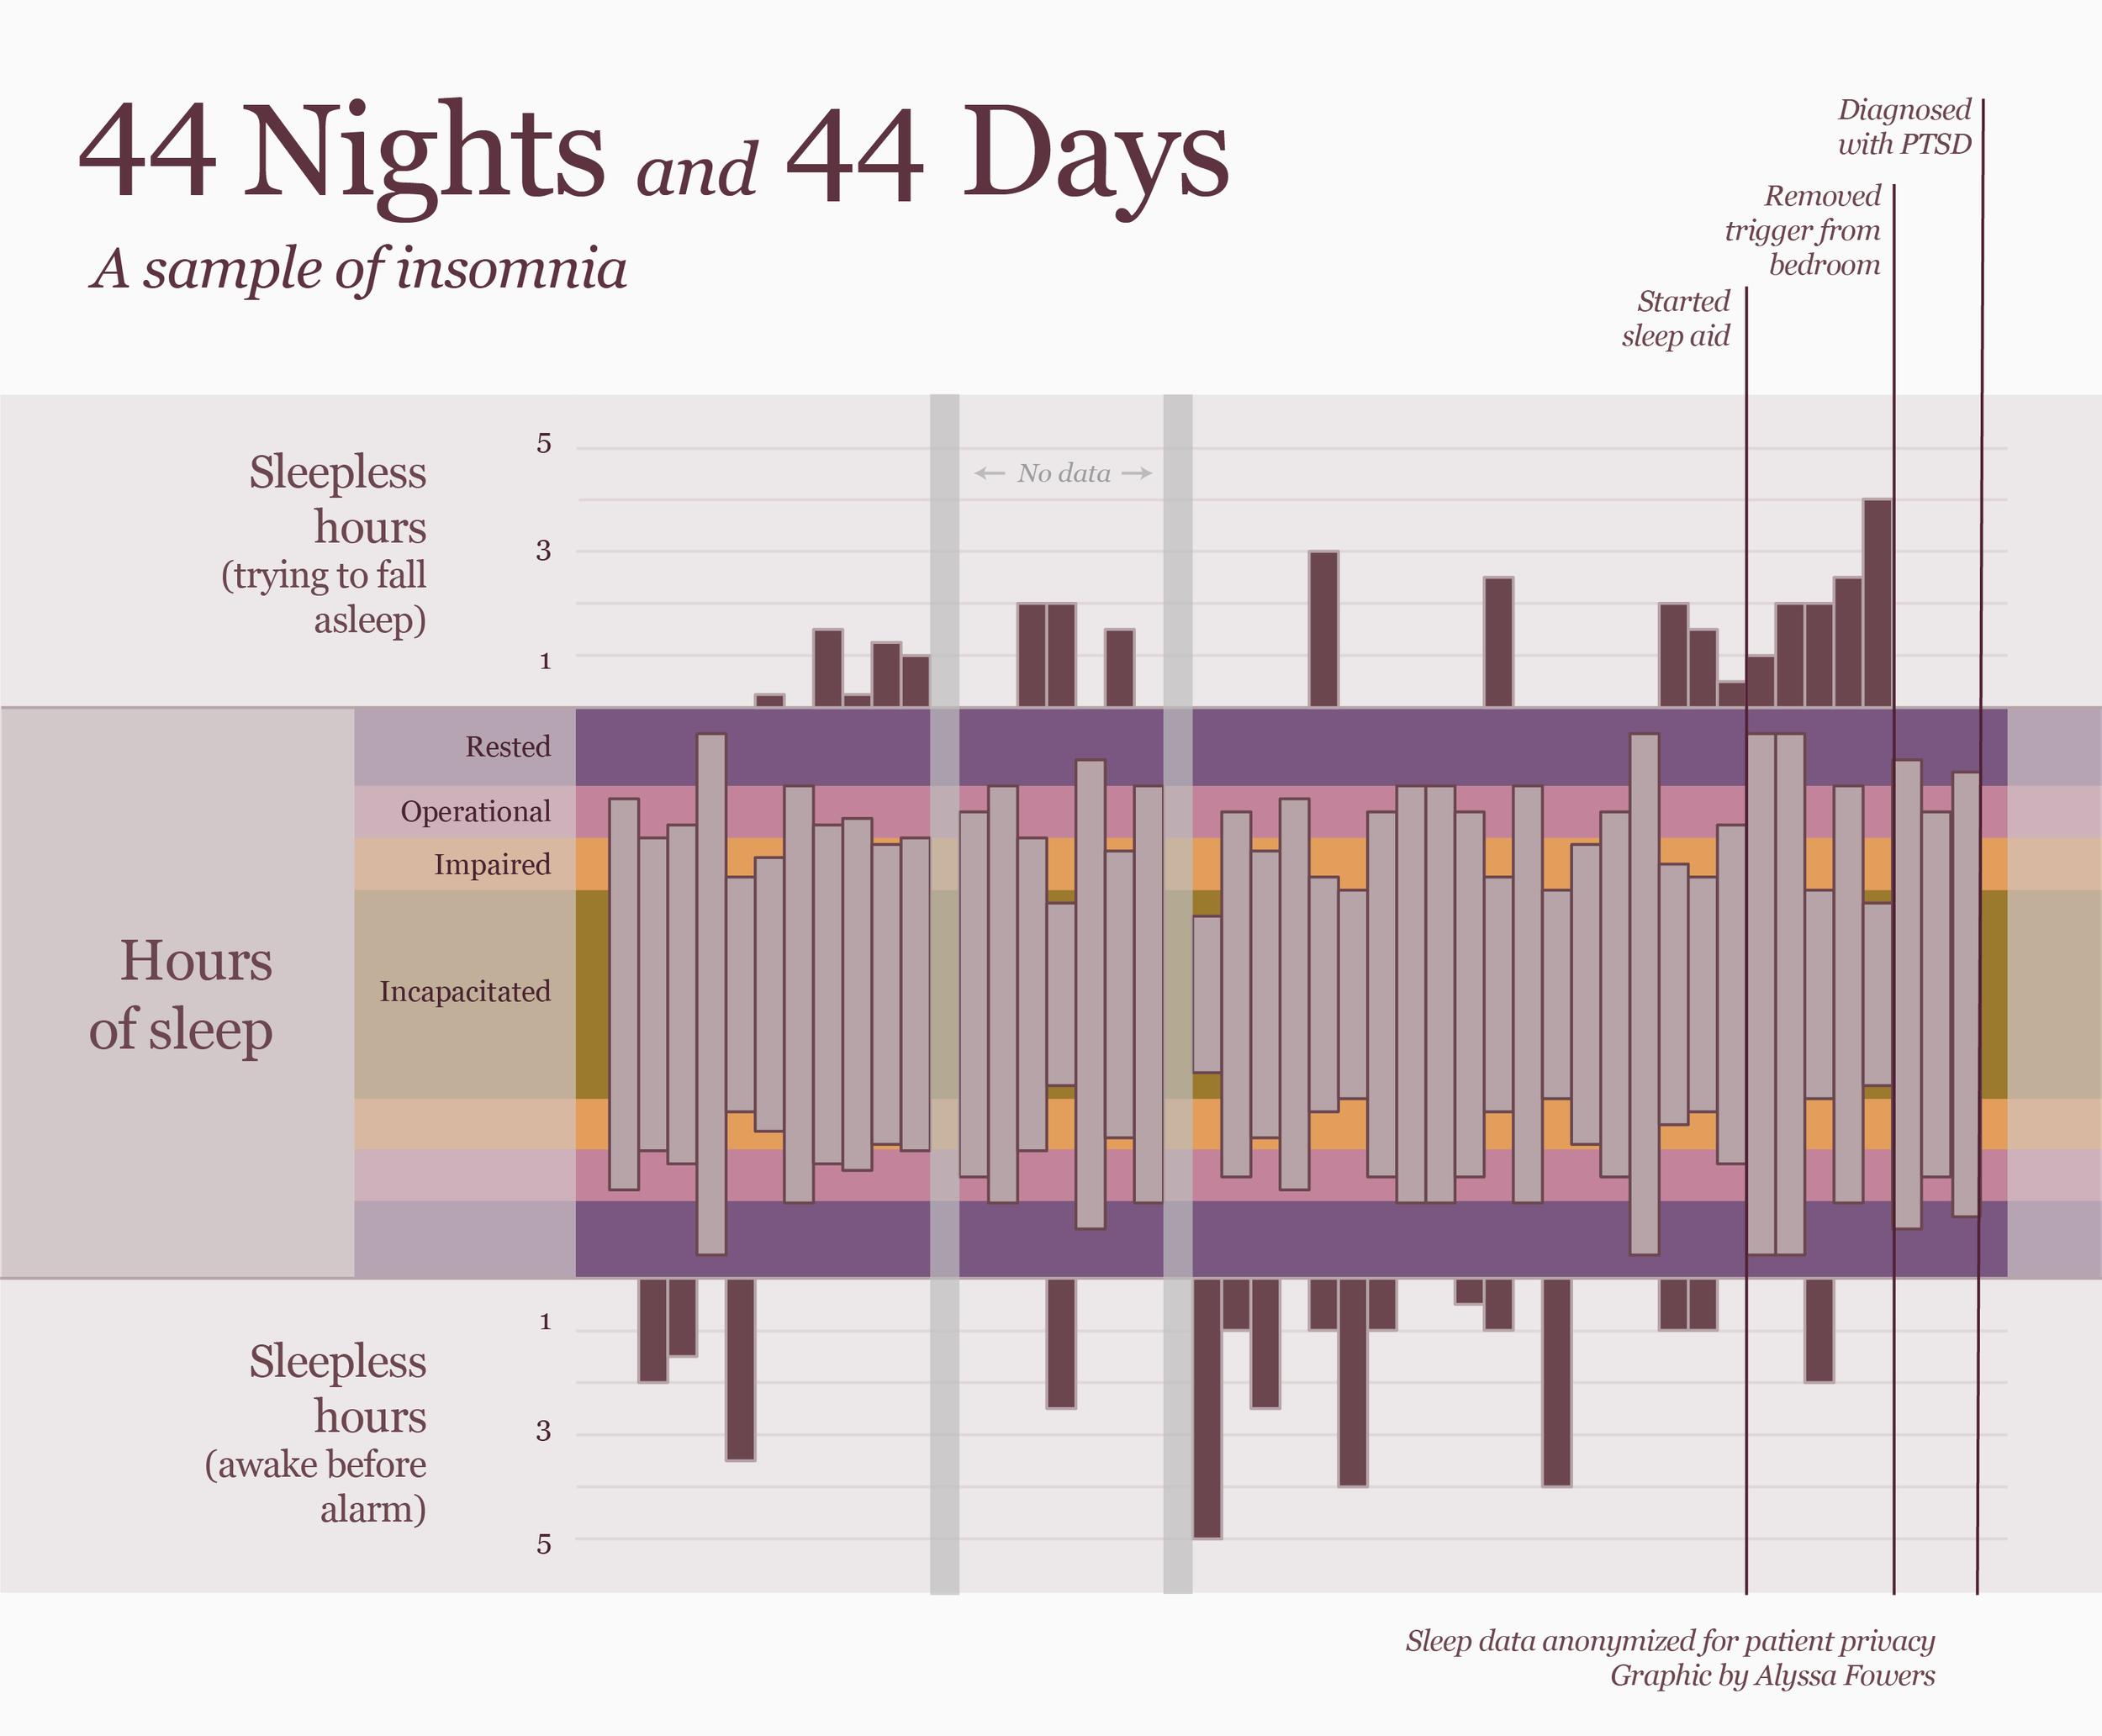 visualizing artisanal data — storytelling with data